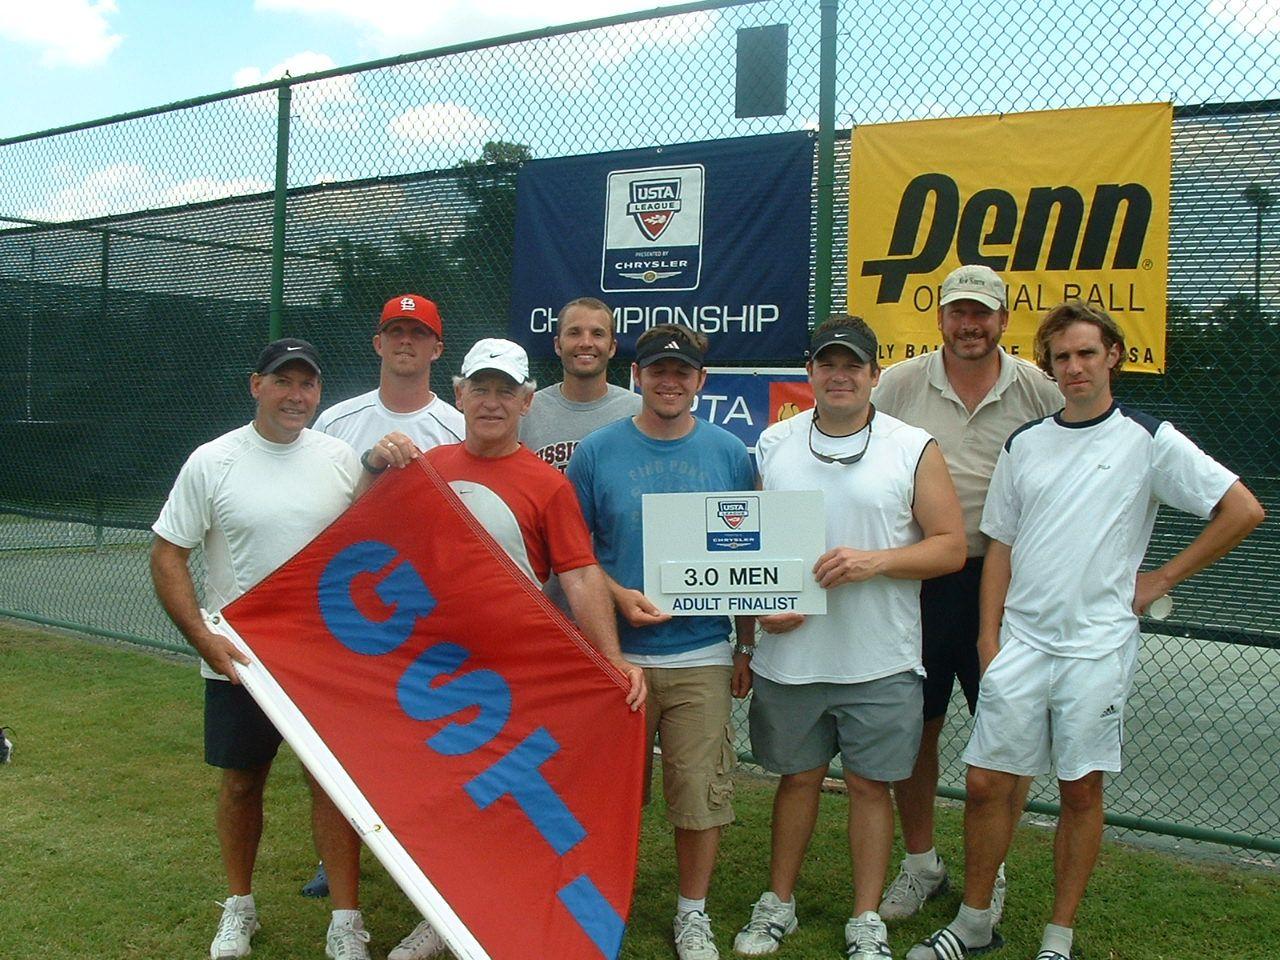 2007 Adult Champs 3.0 M Finalist